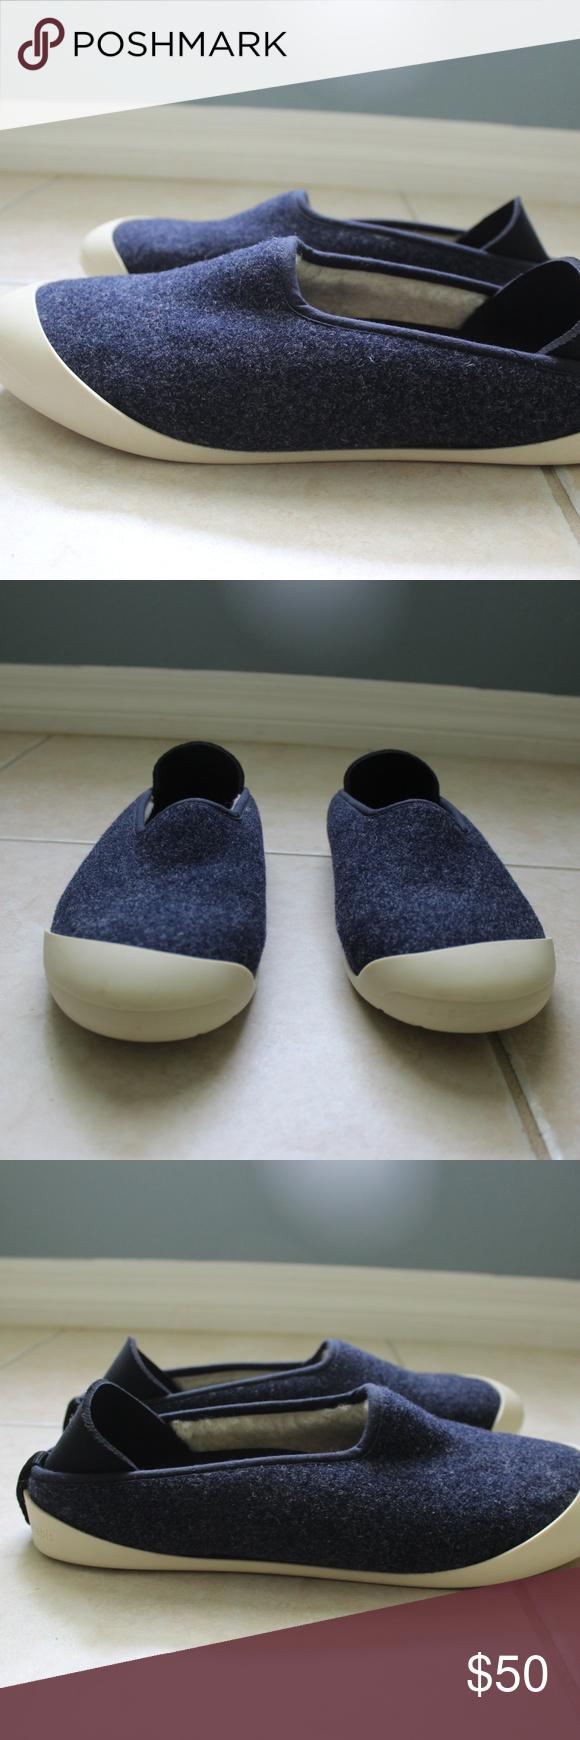 Men S Mahabis Slippers Size 10 Mahabis Slipper Slippers Vans Classic Slip On Sneaker